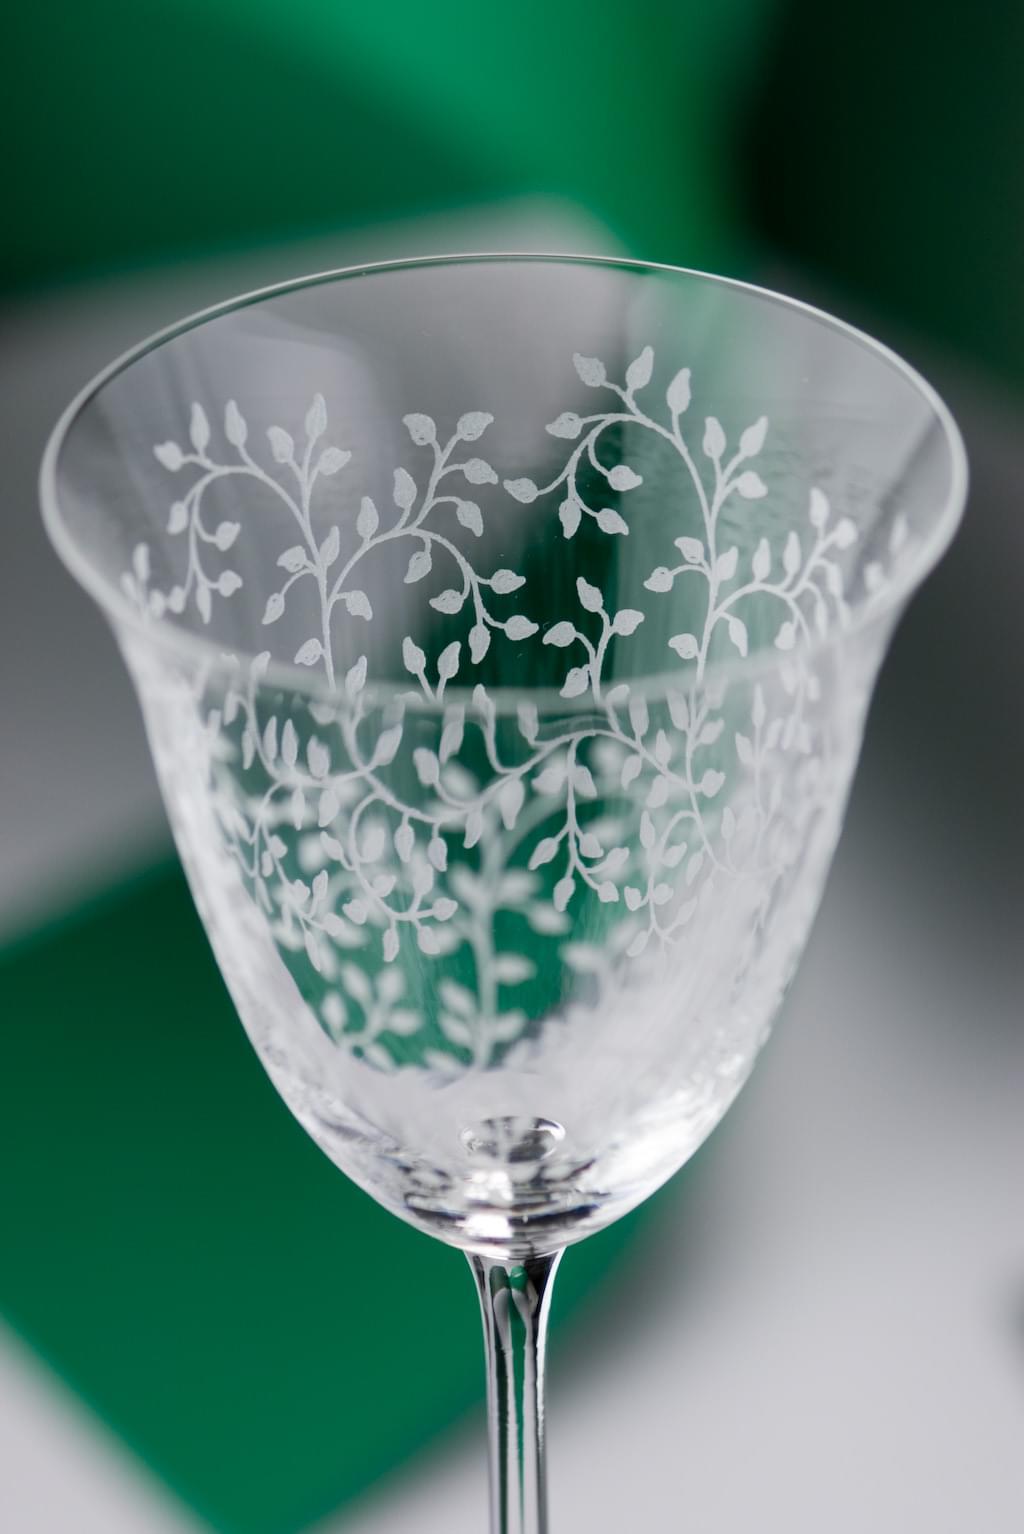 luksusowe prezenty ślubne weselne zdobione szkło kieliszki do wina